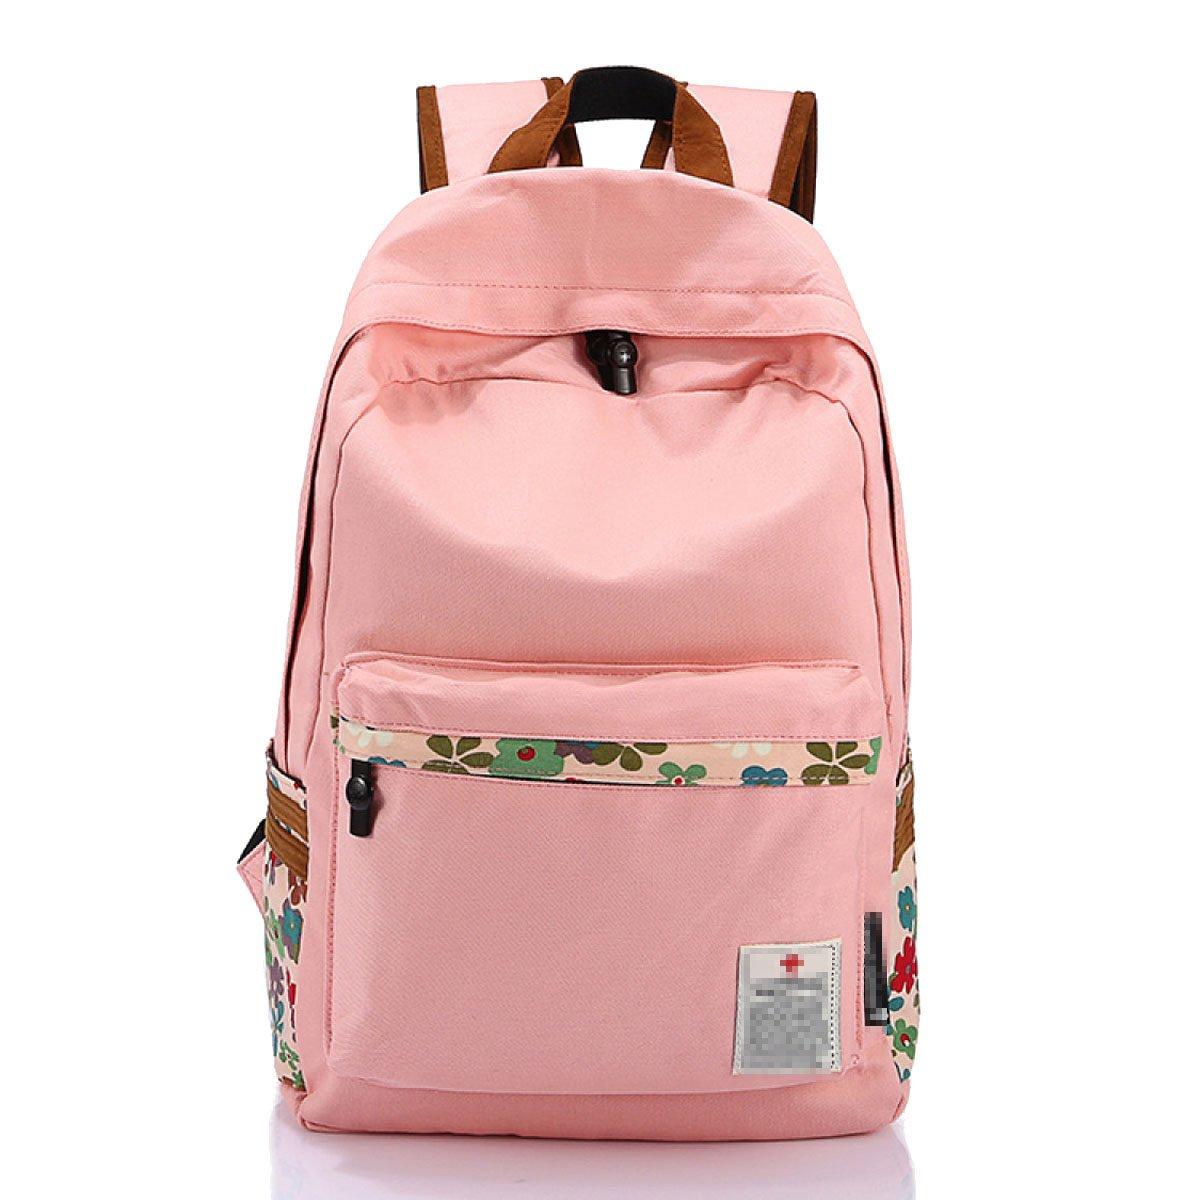 Girl Others学生キャンバスファッションカレッジ風防水スクールバッグ ピンク 01007 B0744GT5RV ピンク